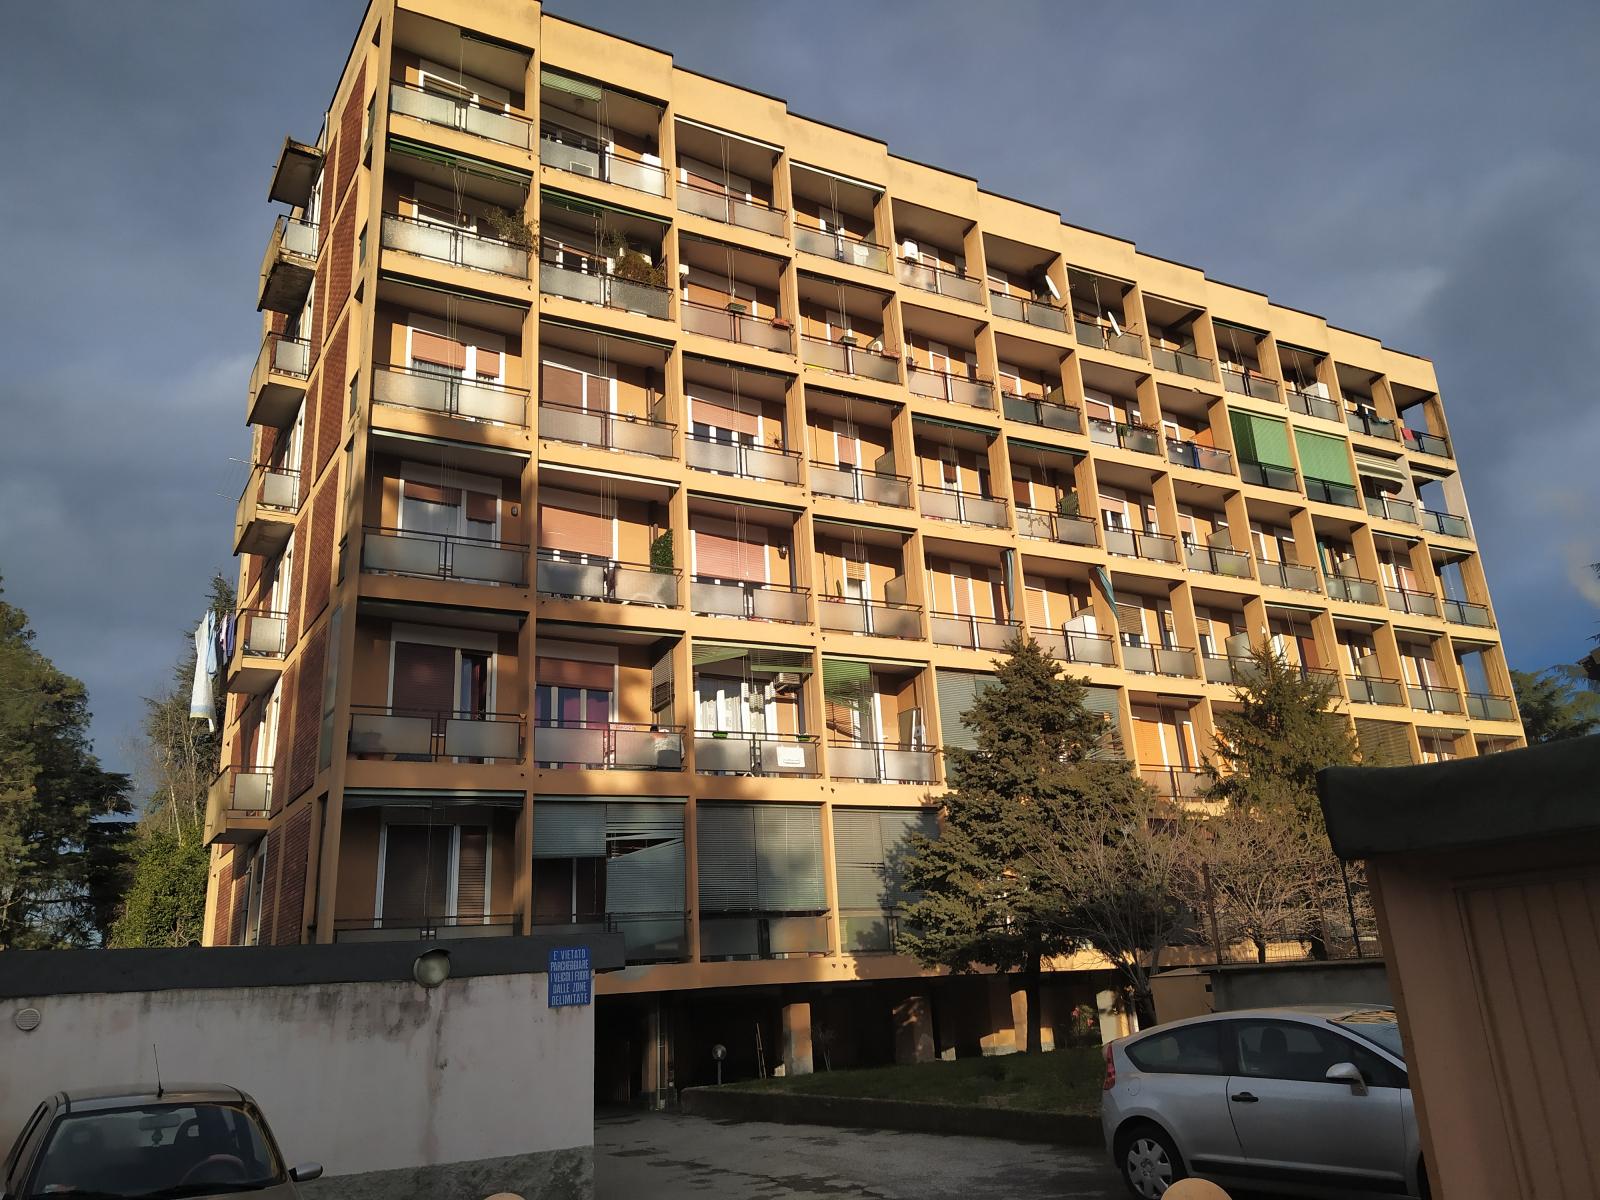 due-locali-piu-box-magenta-investimento-immobiliare-spaziourbano-immobiliare-dove-trovi-casa-10